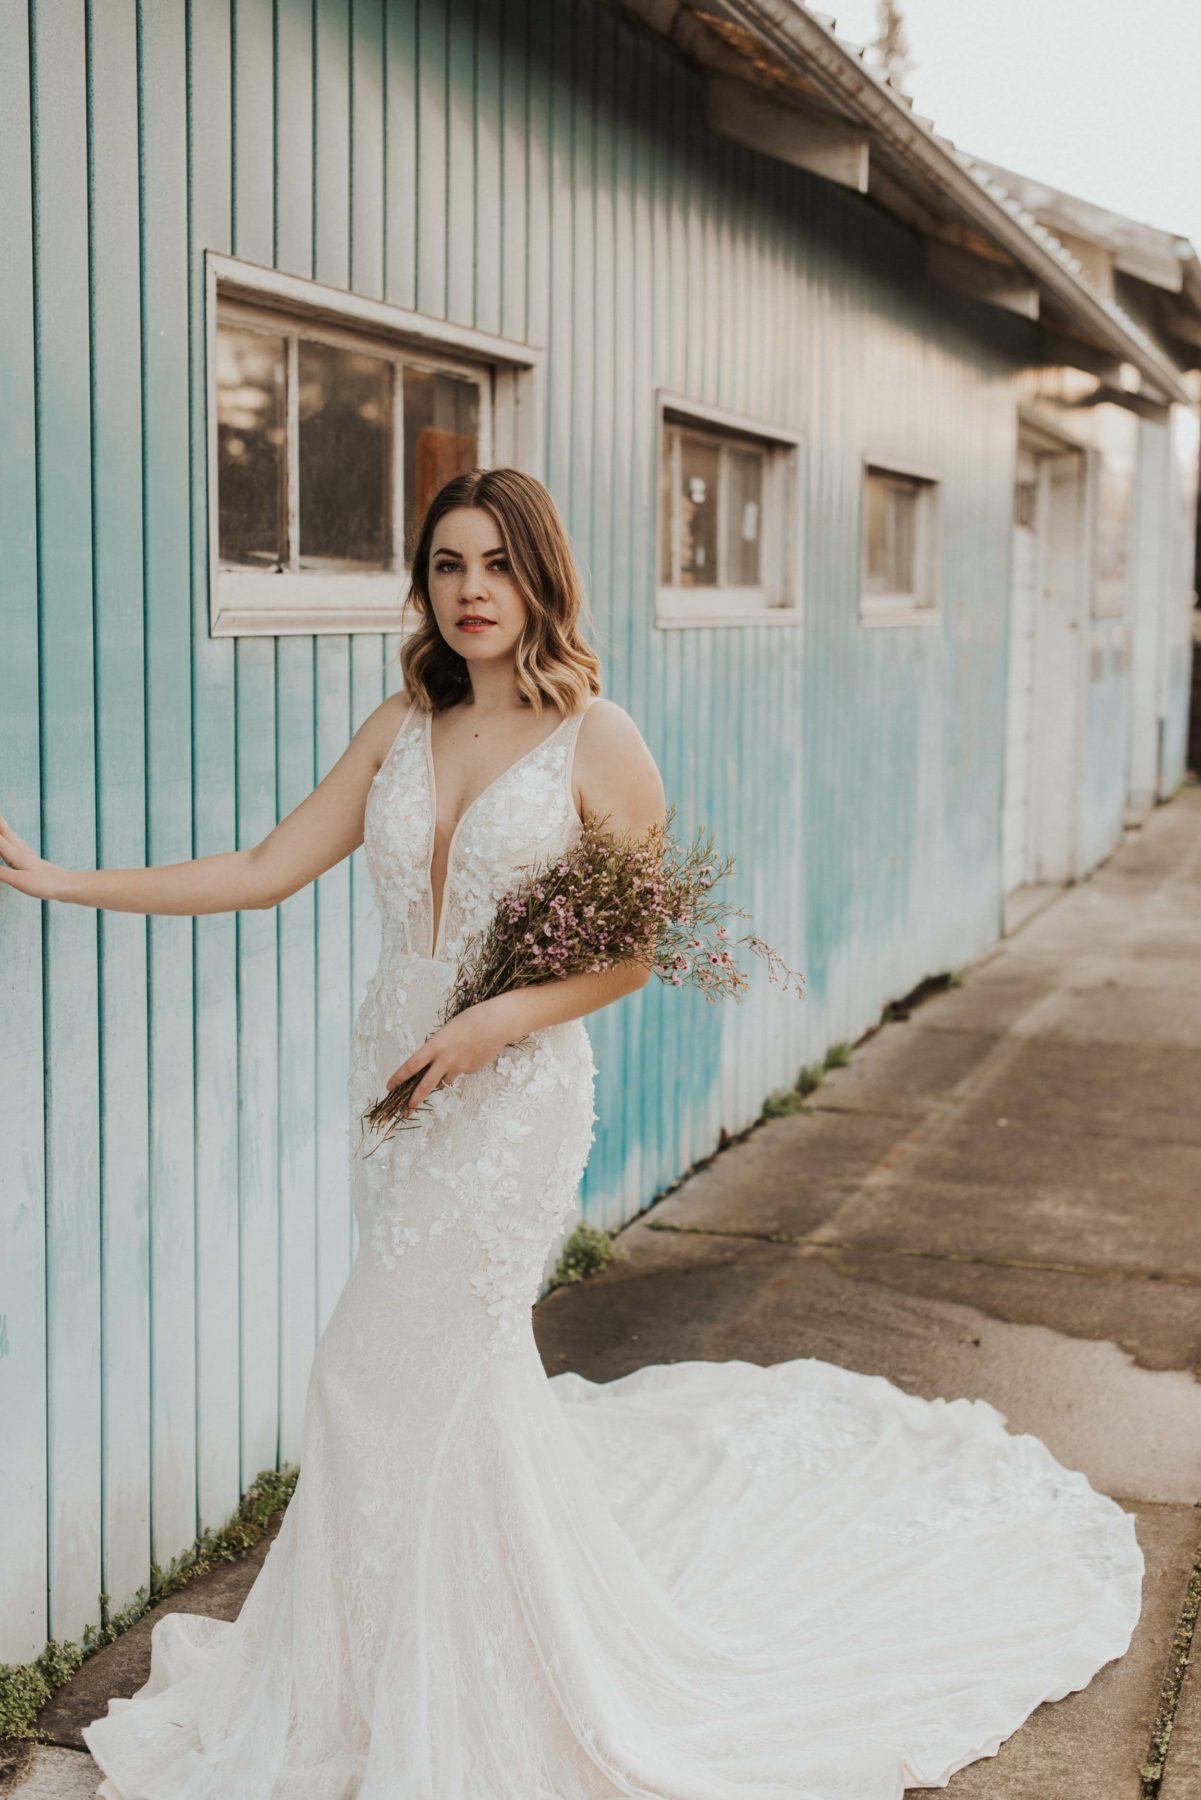 Lyra Vega Bridal Thea gown Napa bride